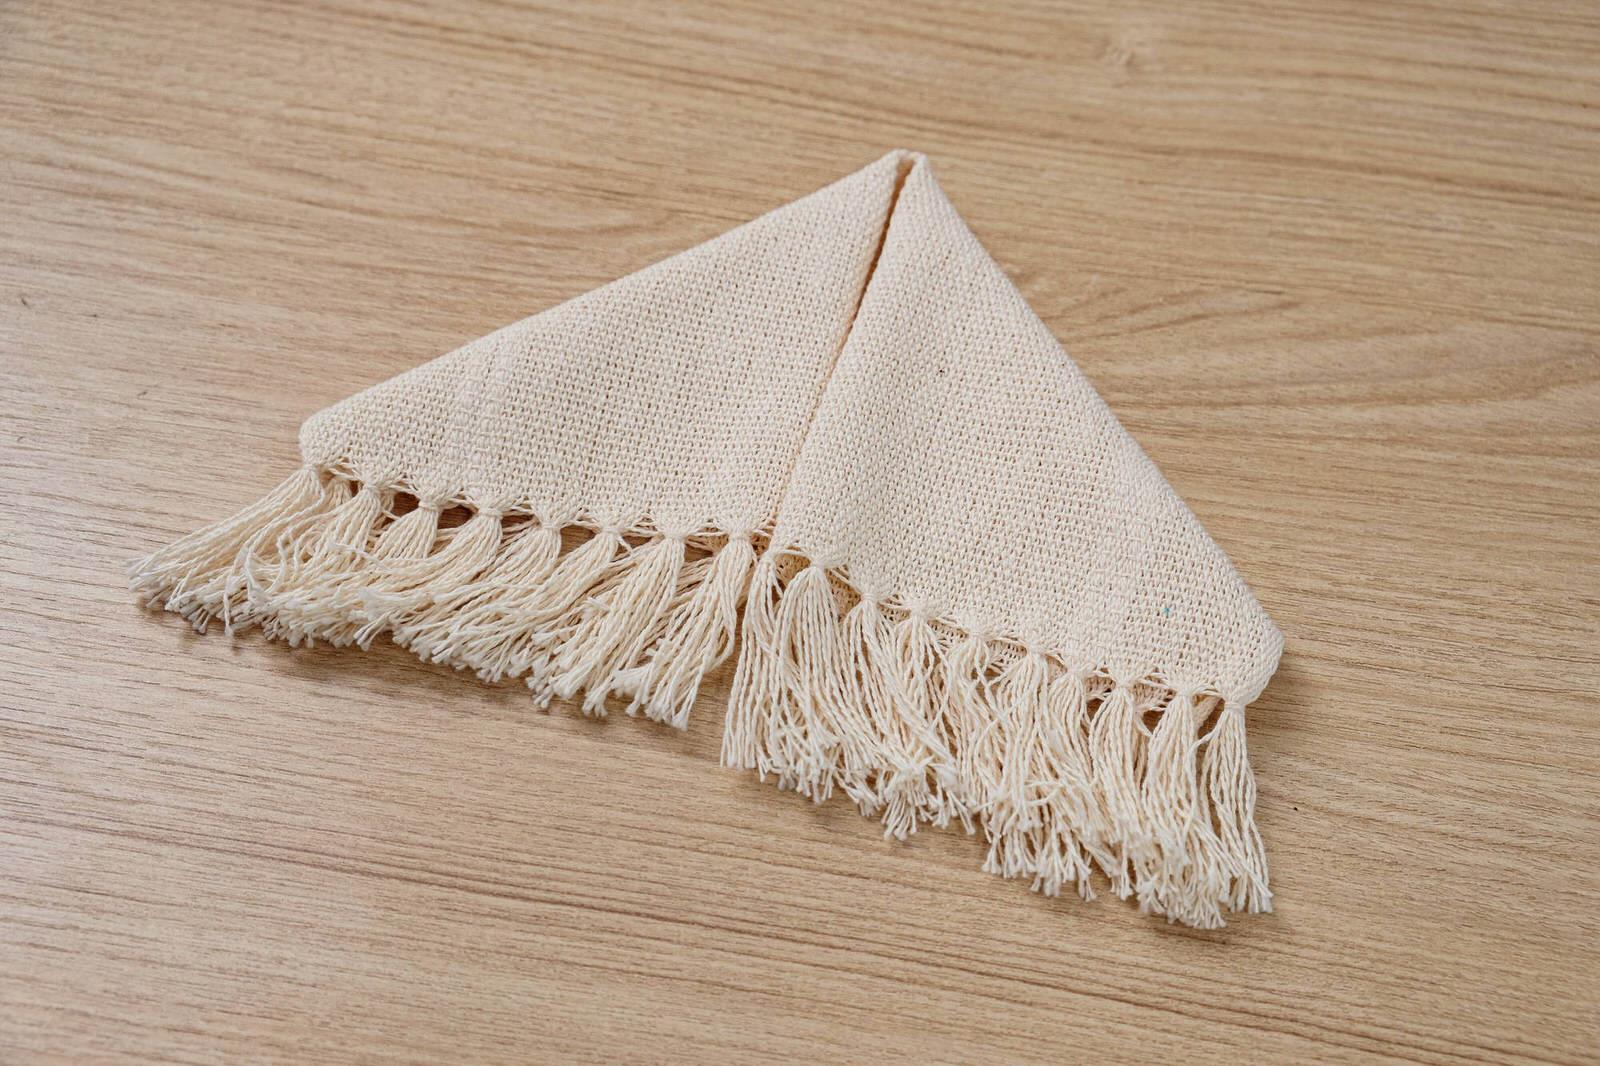 Mini guardanapo em algodão Cru unidade